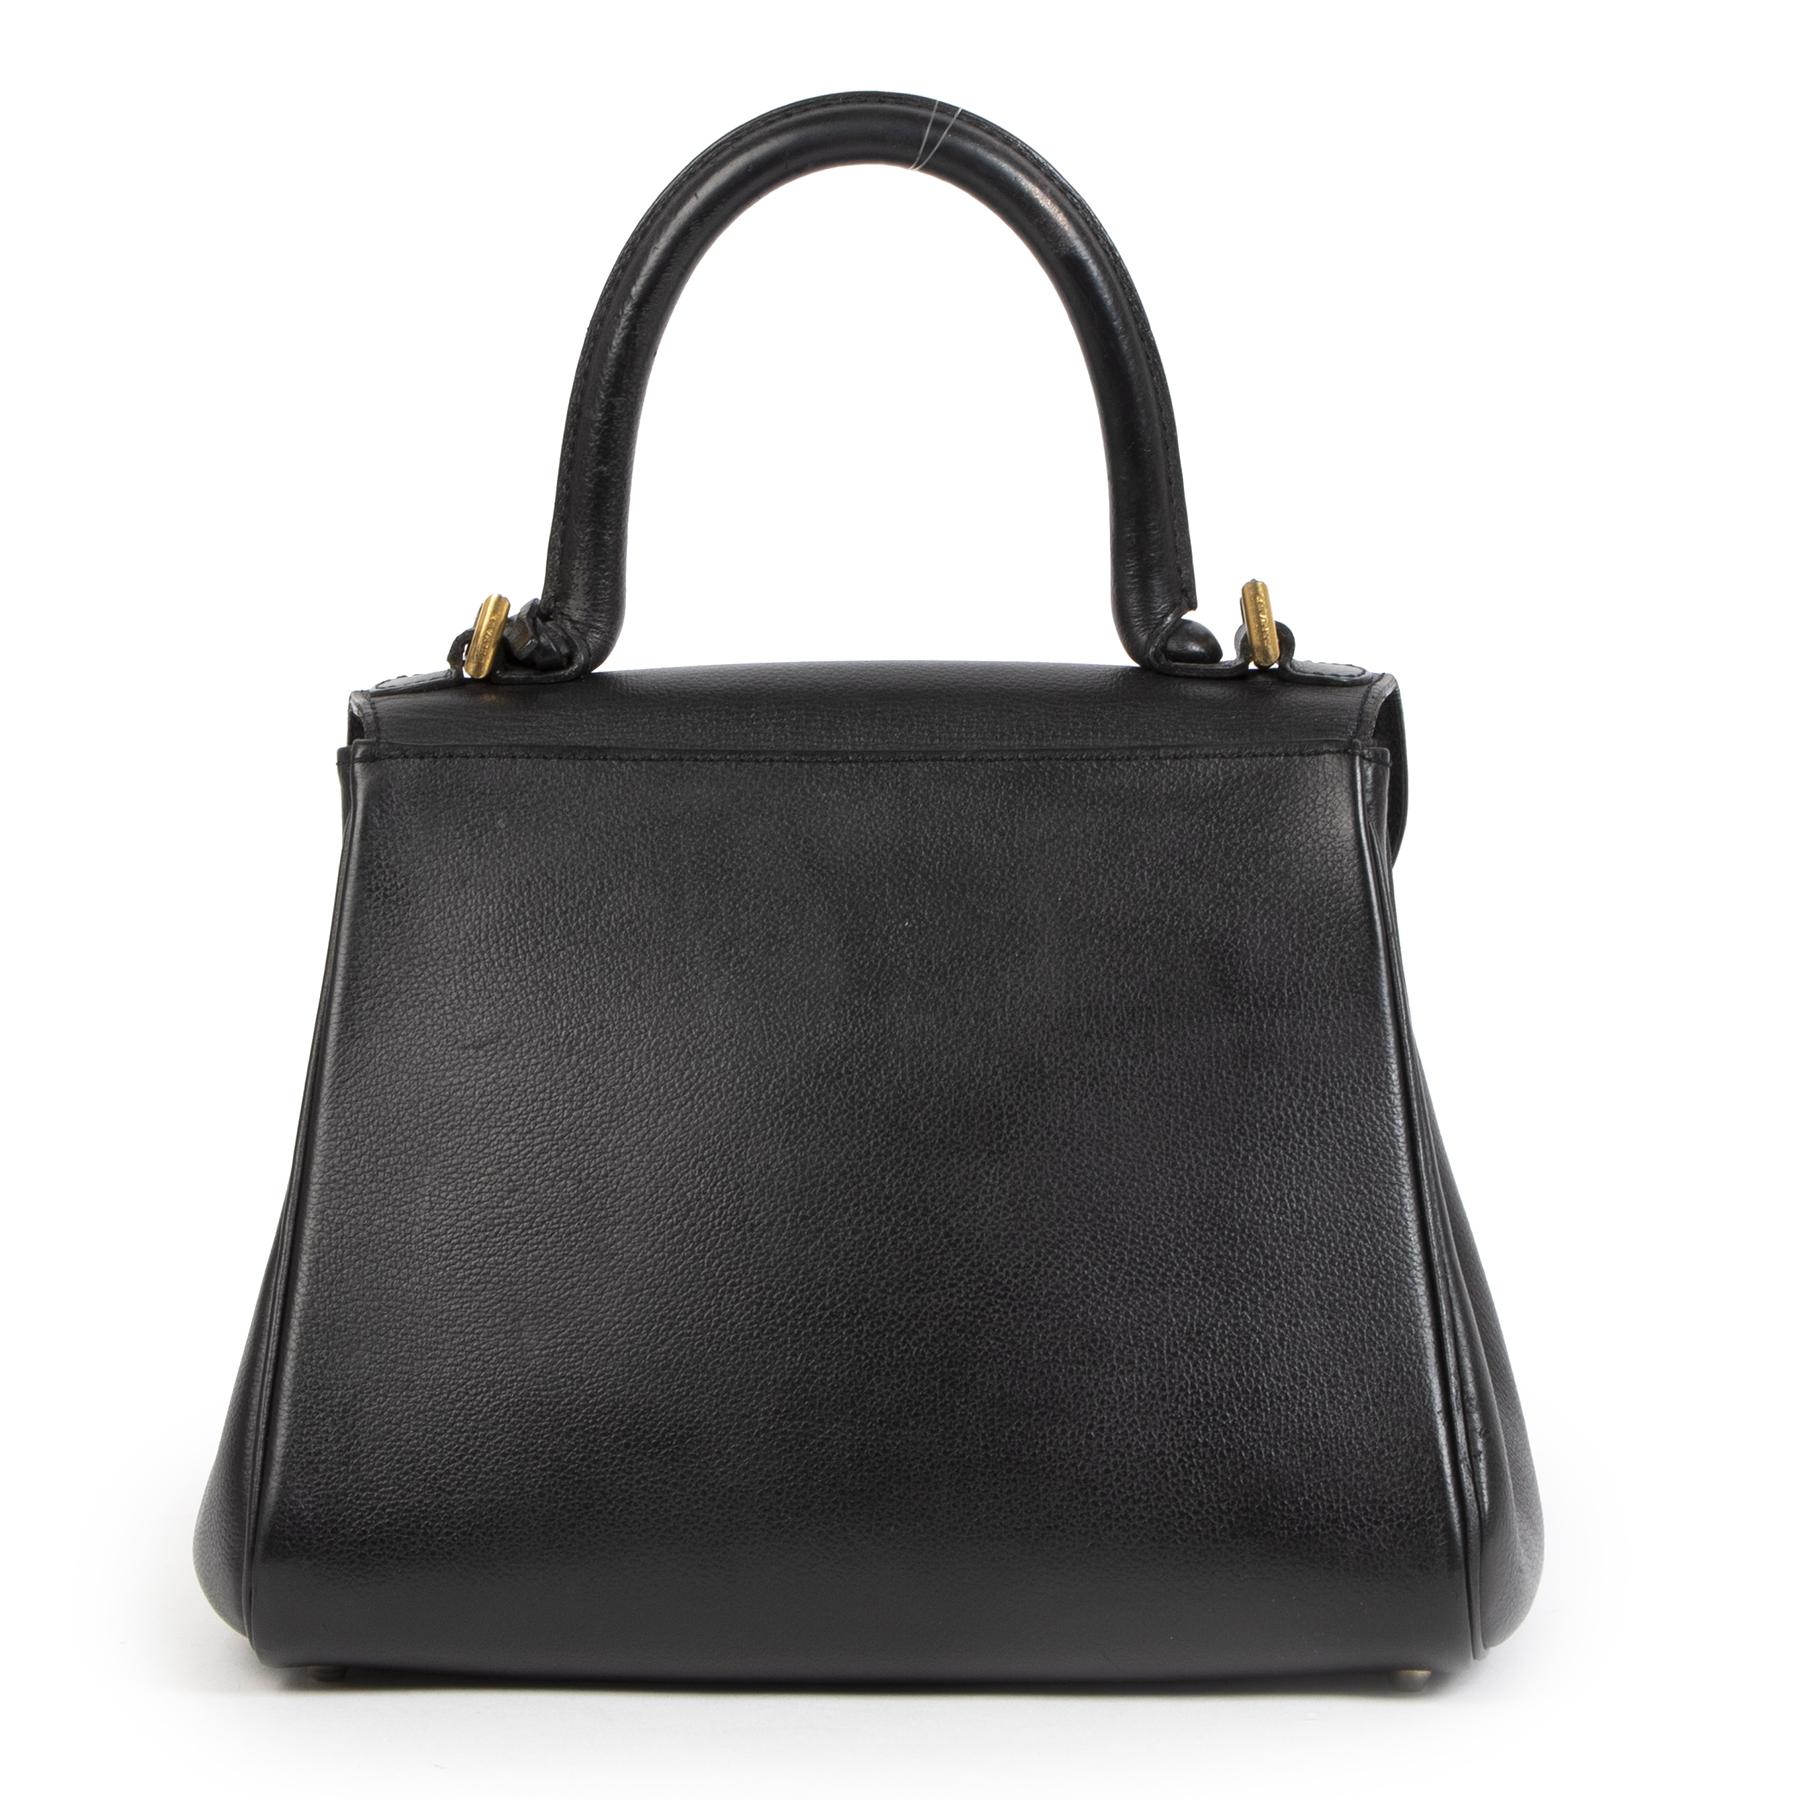 Authentieke Tweedehands Delvaux Brillant Black PM GHW juiste prijs veilig online shoppen luxe merken webshop winkelen Antwerpen België mode fashion